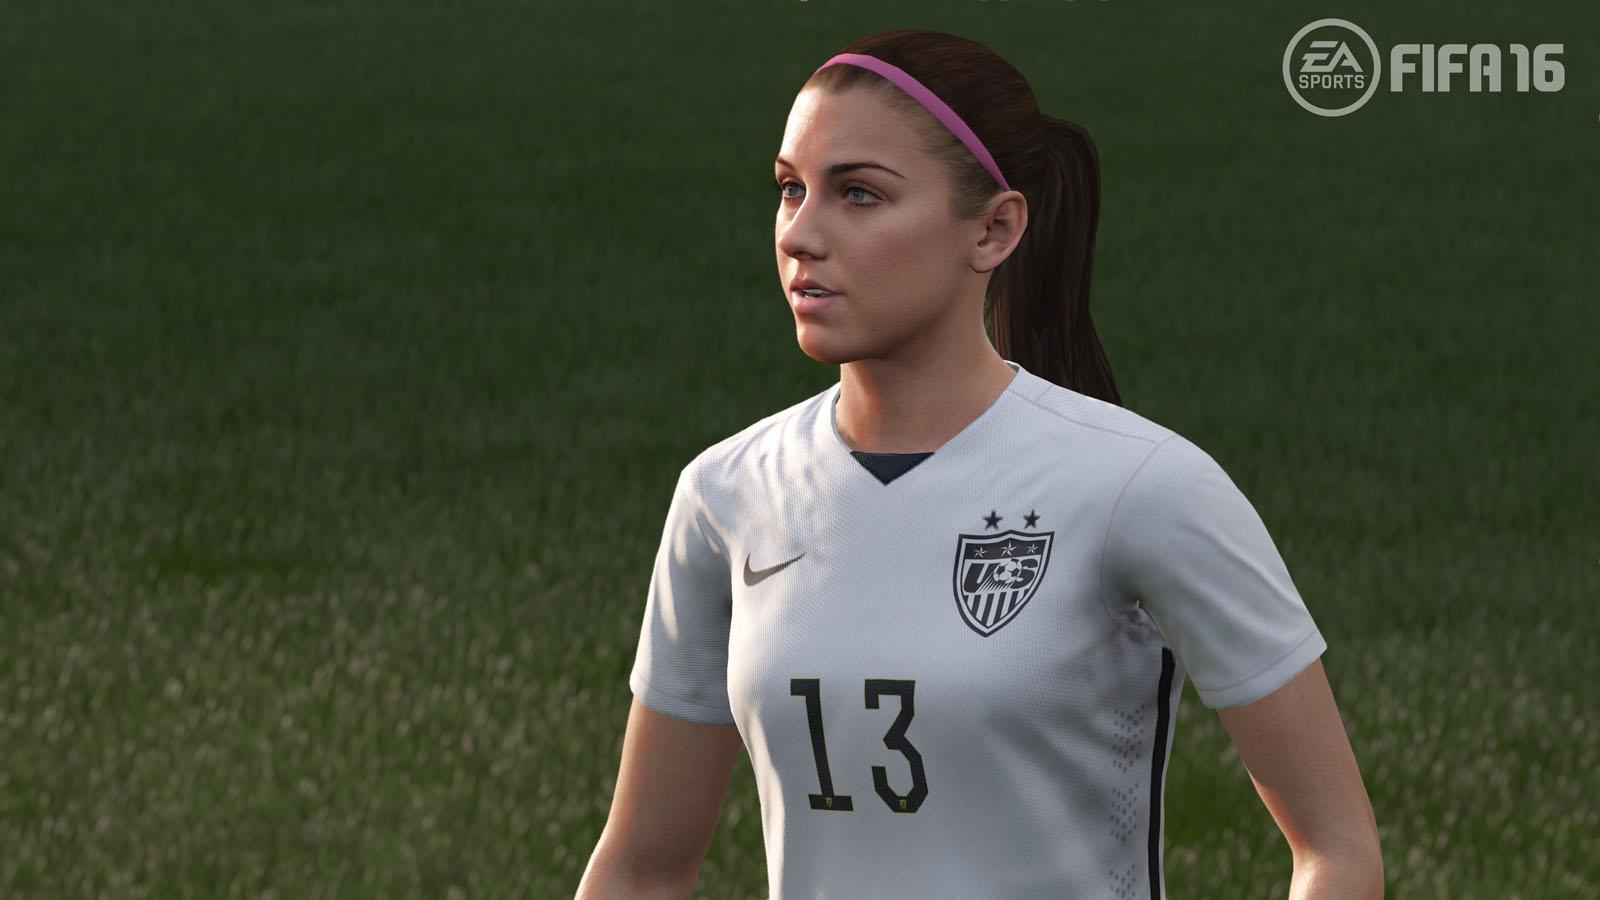 FIFA16_PS4_Women_Morgan_LR